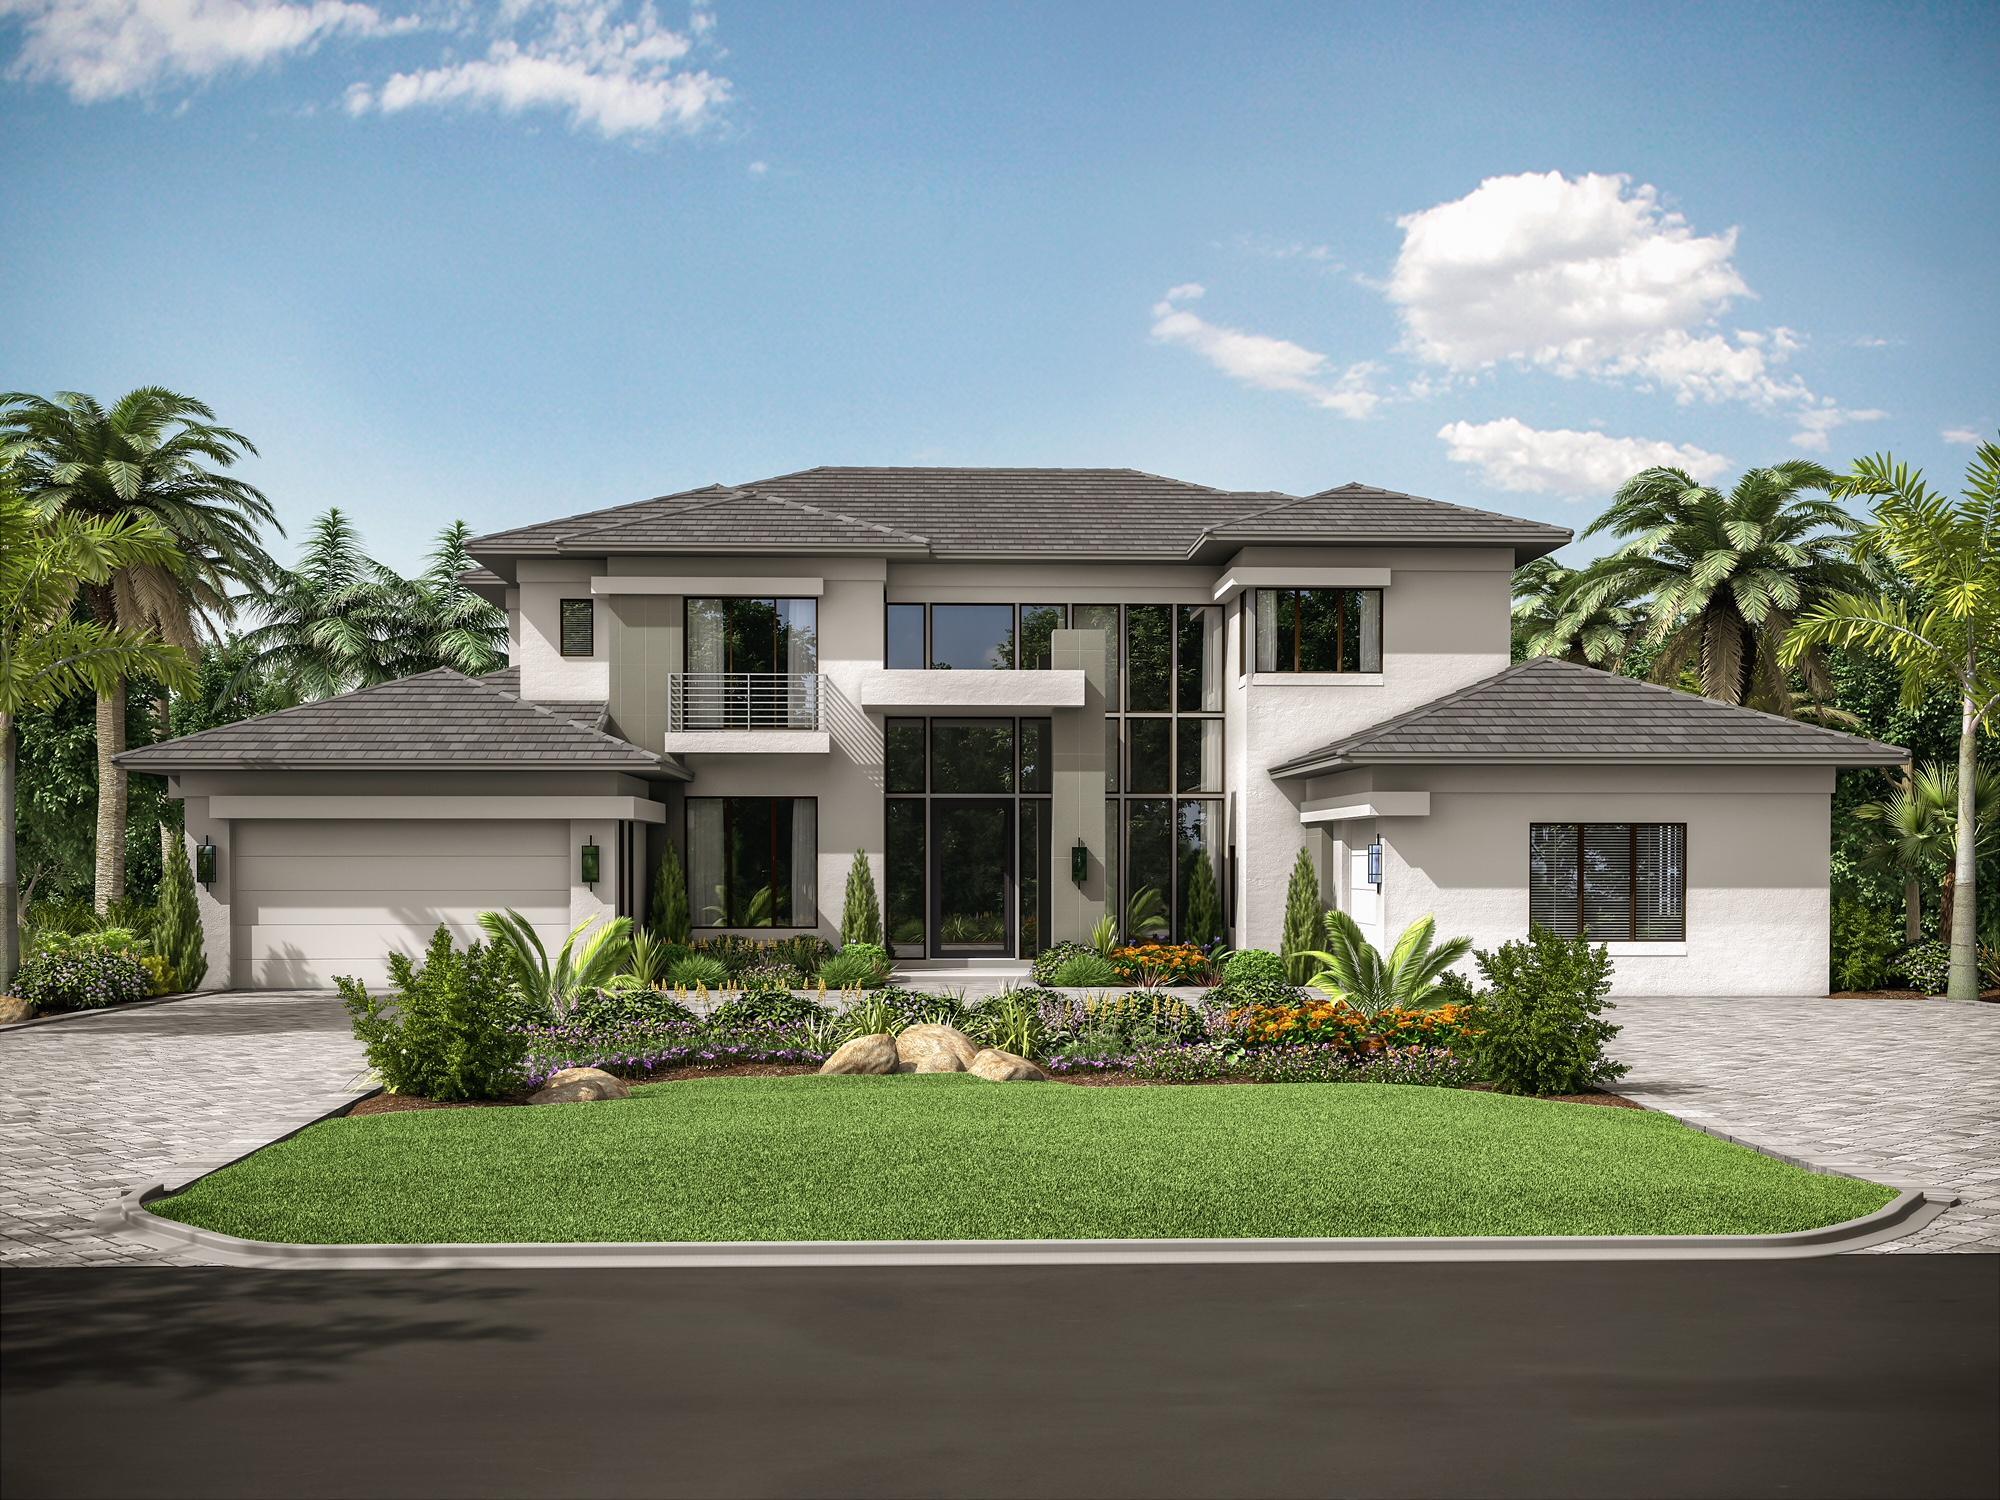 5534 Vintage Oaks Terrace, Delray Beach, Florida 33484, 4 Bedrooms Bedrooms, ,5.2 BathroomsBathrooms,Single Family,For Sale,POLO CLUB / VINTAGE OAKS,Vintage Oaks,RX-10434858